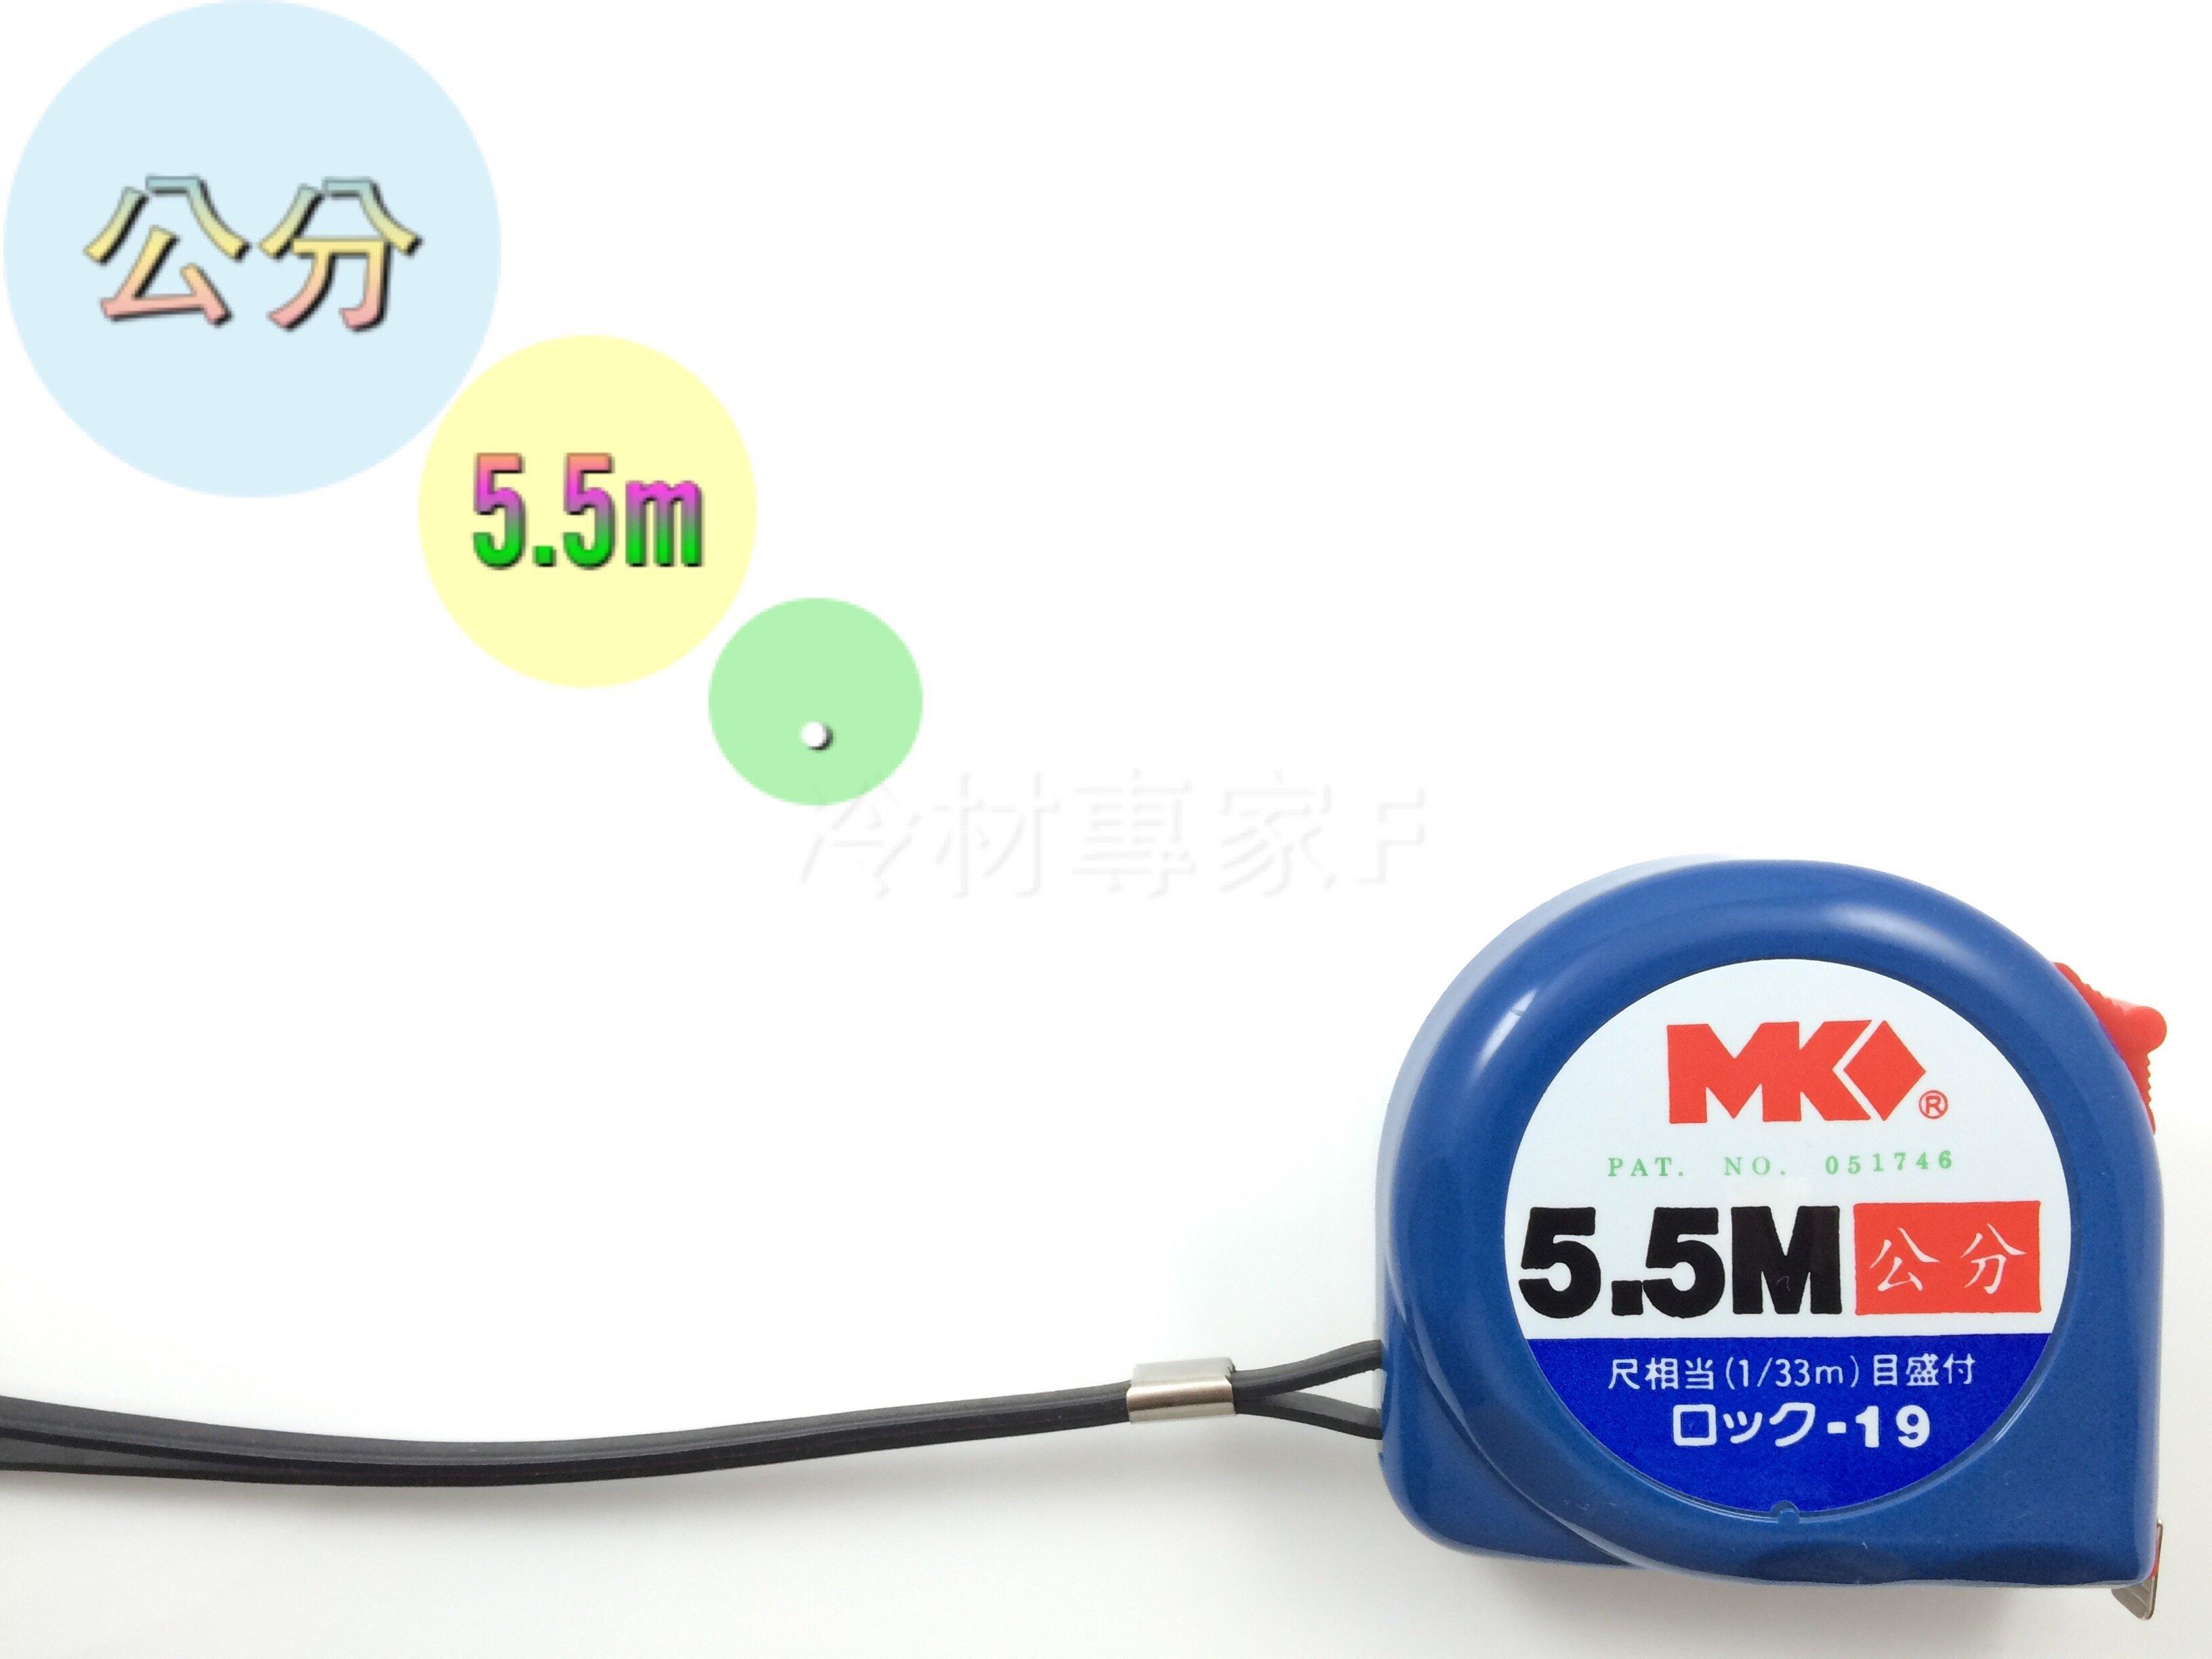 《MK公分尺》鋼卷尺 米尺 台尺 魯班尺 測量 量距離 冷氣冷凍空調 工具